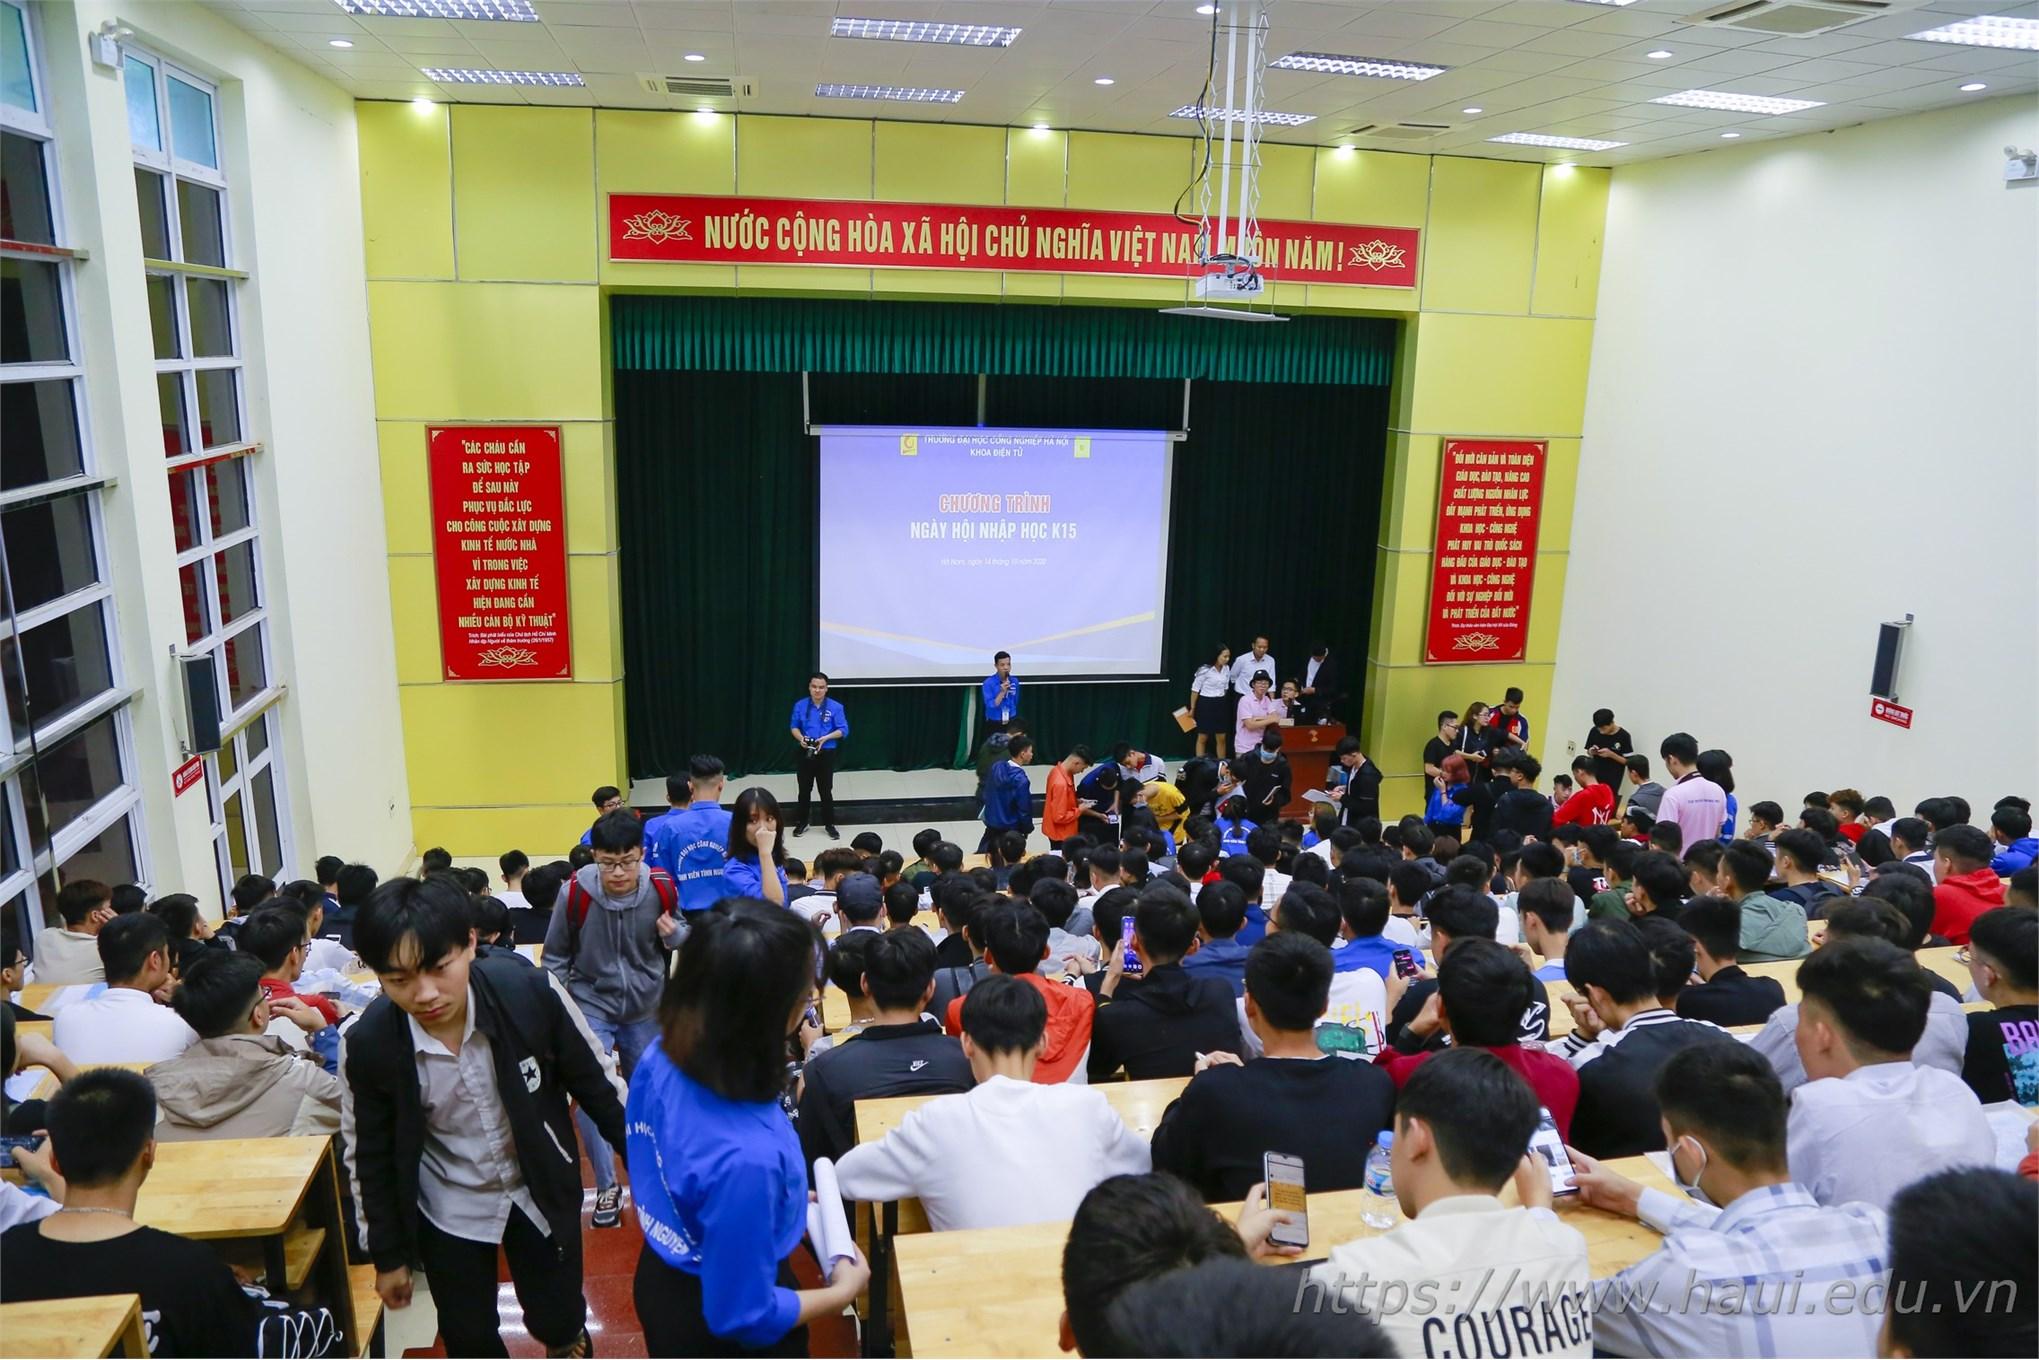 Over 7,000 freshmen join Hanoi University of Industry